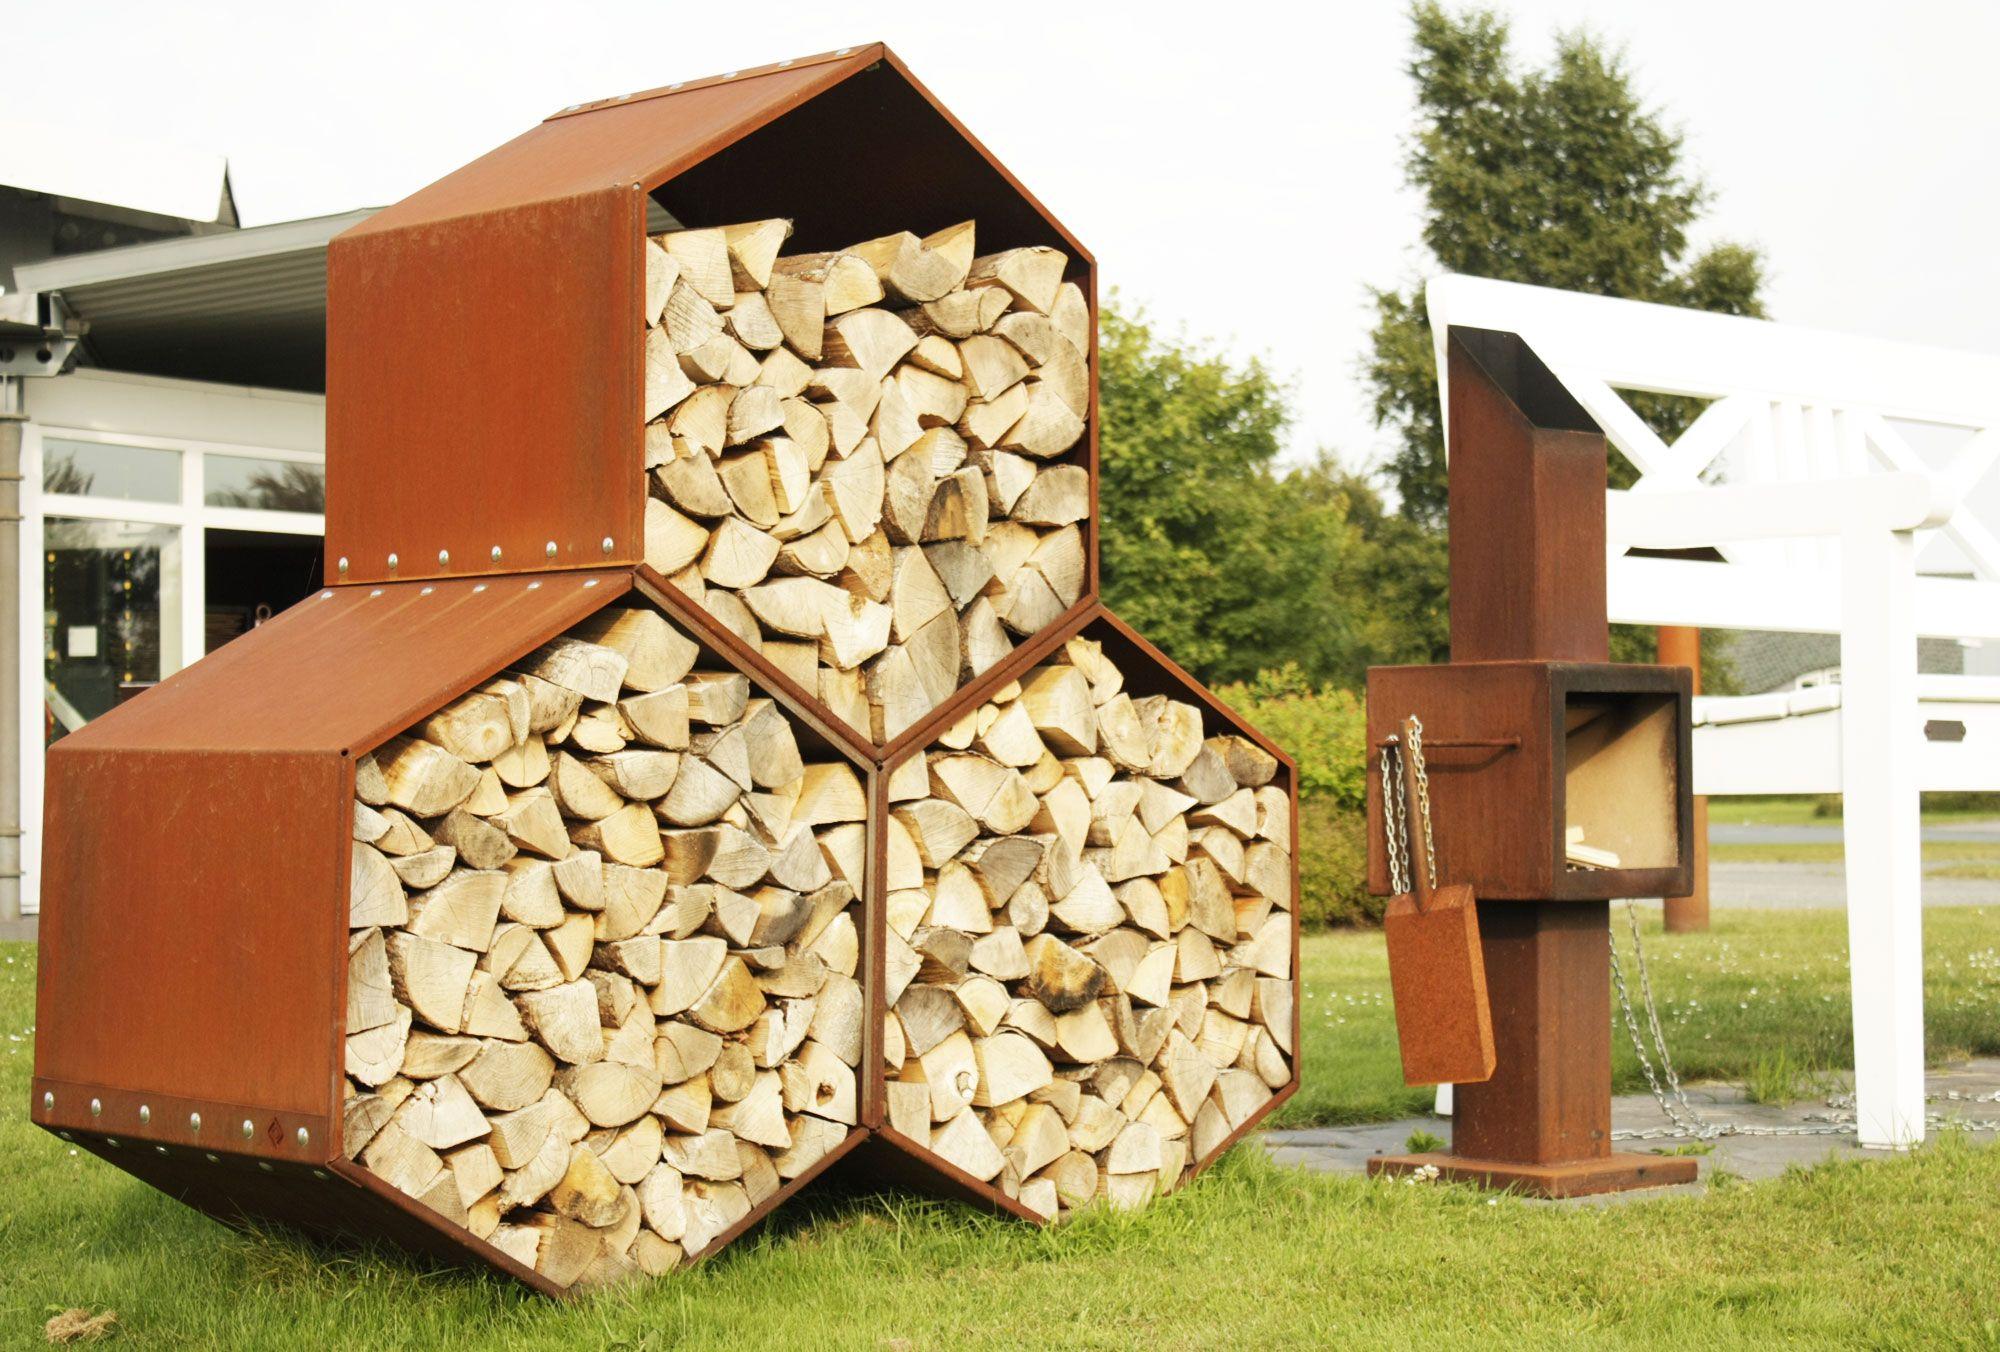 Full Size of Holzlege Cortenstahl Wo Heizen Noch Von Herzen Kommt Fuga El Mit Bildern Wohnzimmer Holzlege Cortenstahl